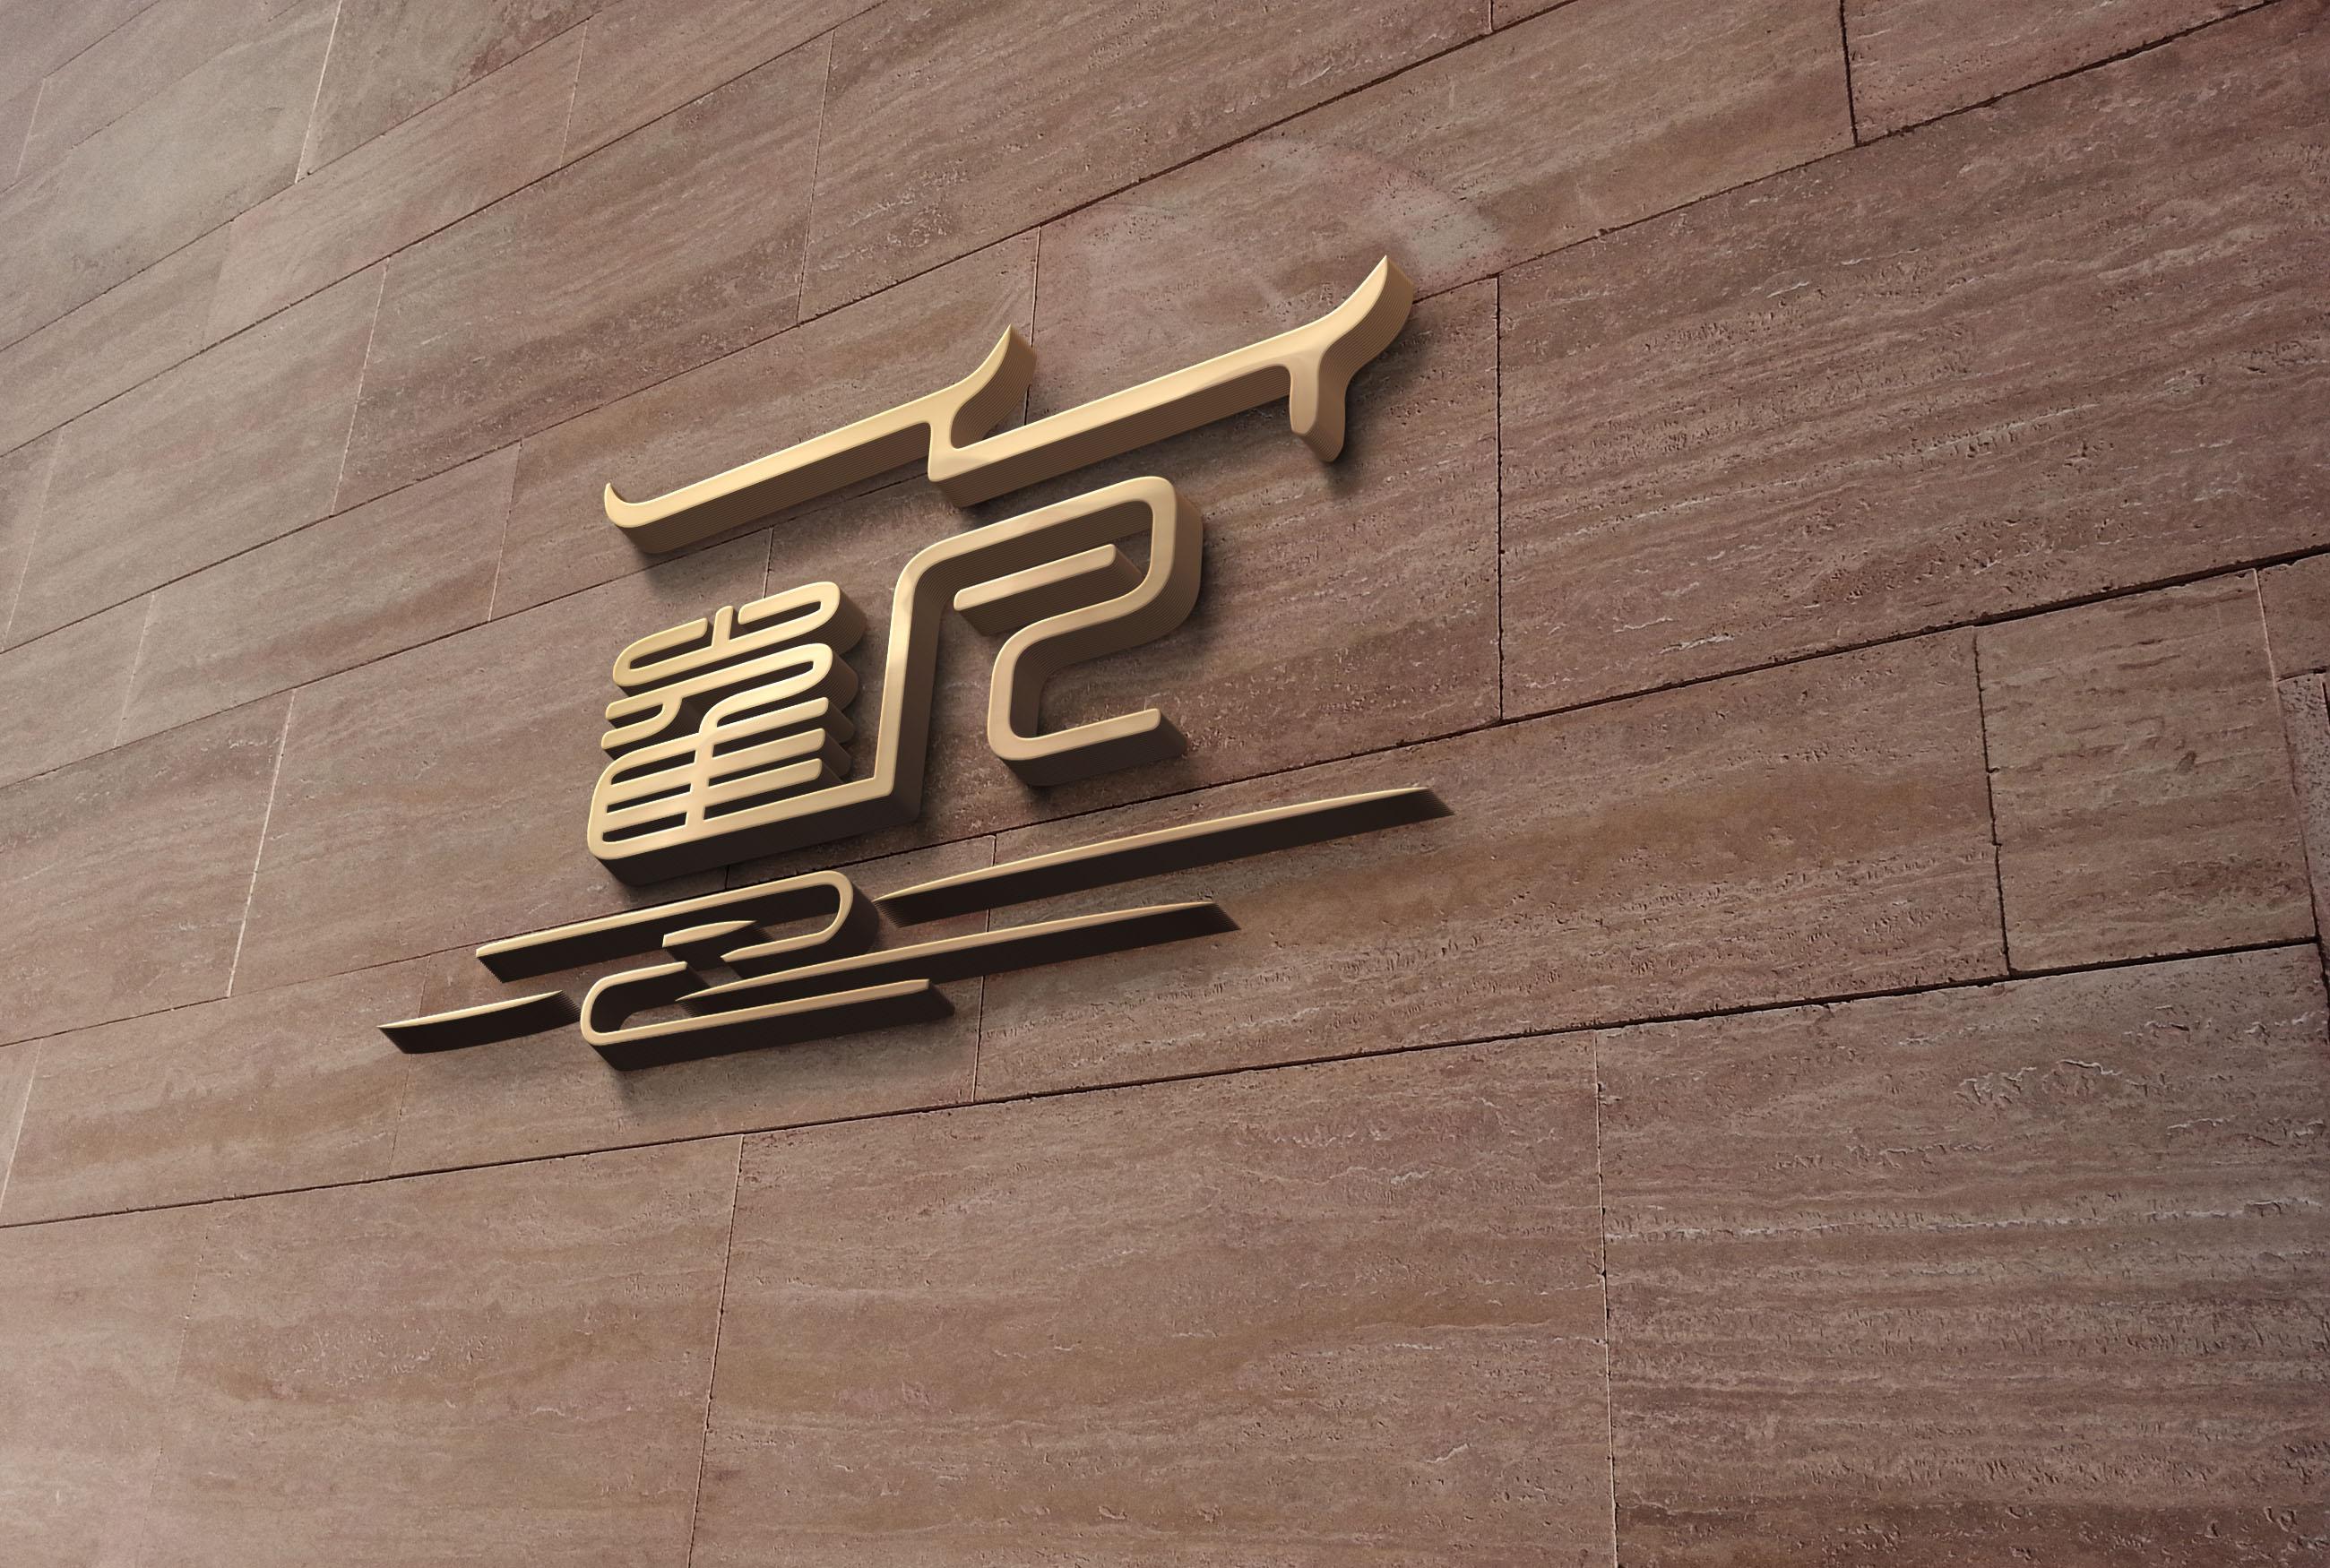 两个字的图案logo_3027095_k68威客网